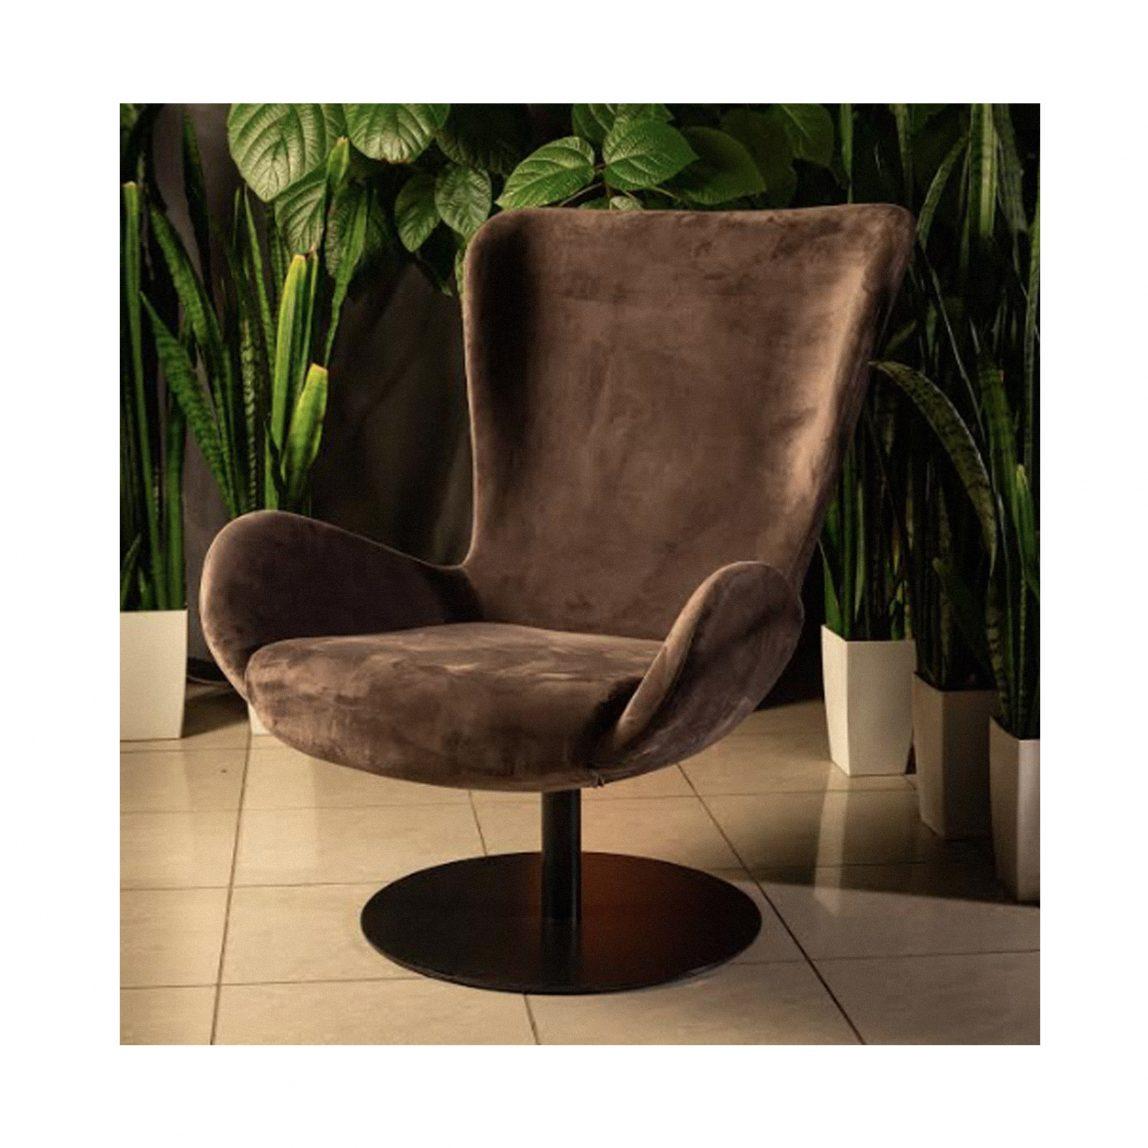 Современное дизайнерское кресло Эдвин на поворотном основании